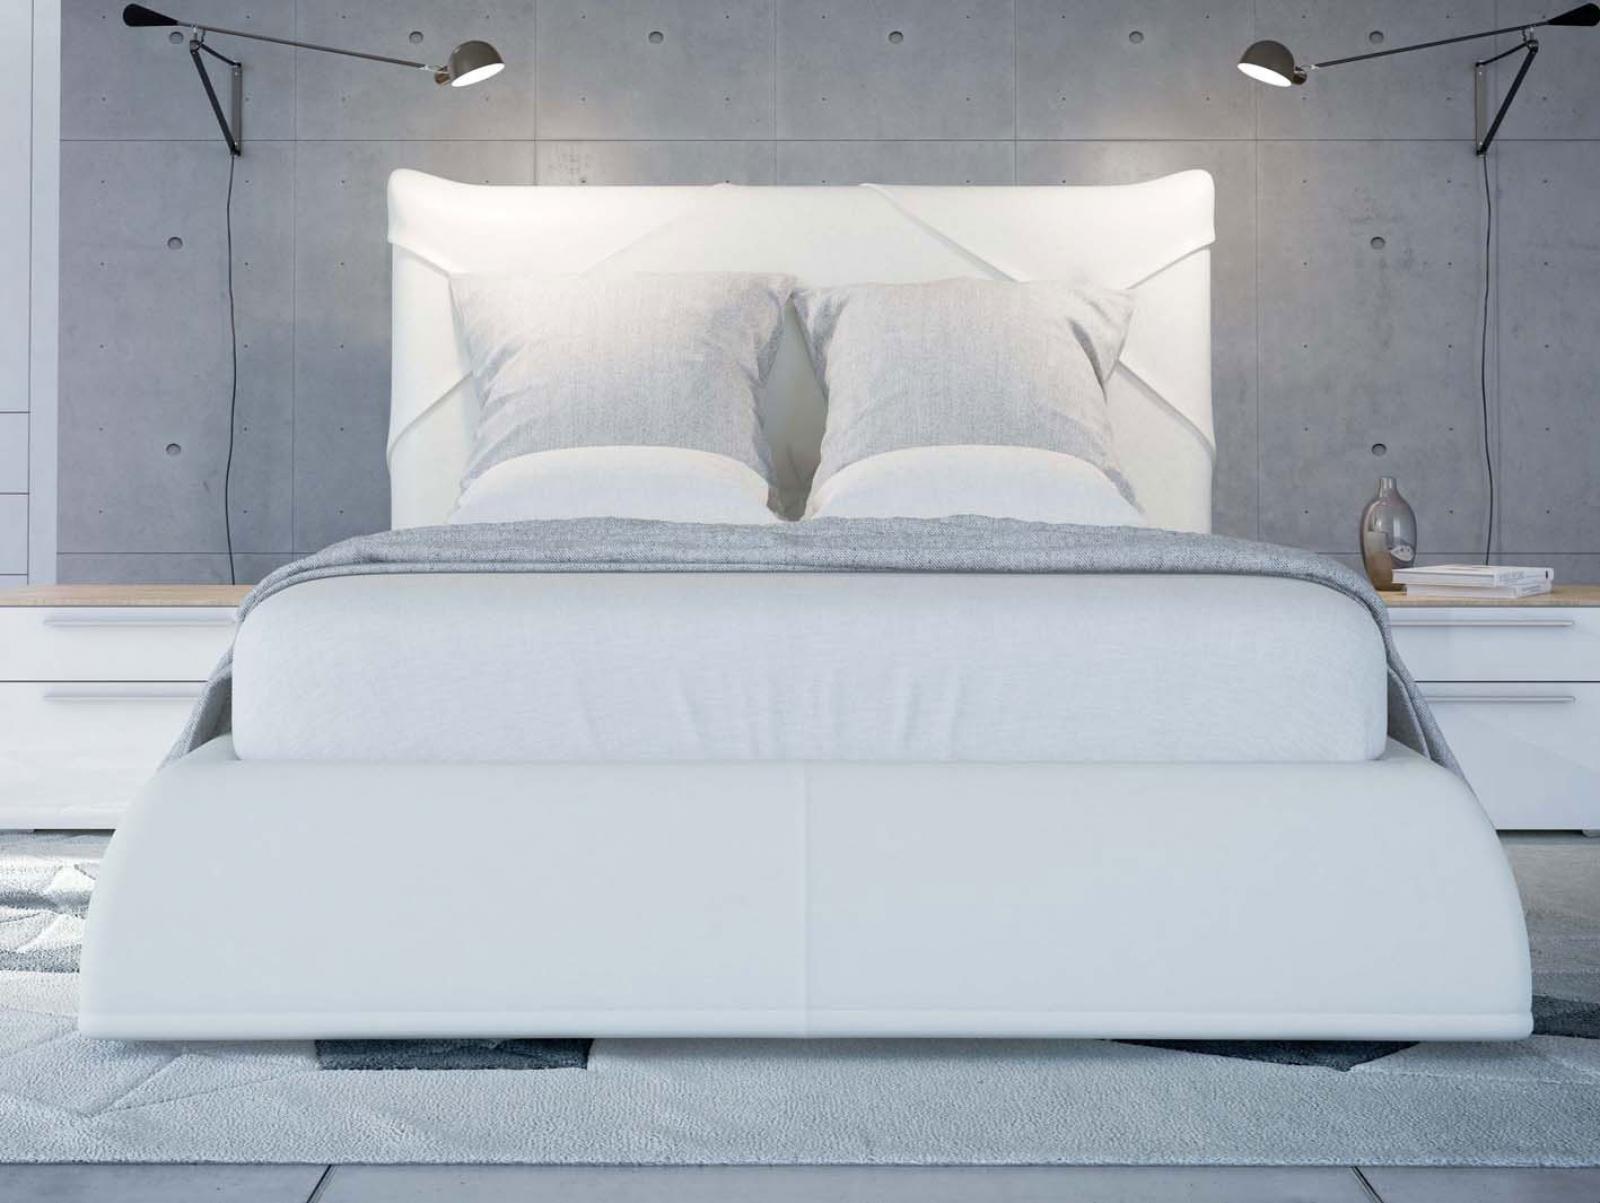 SOLO Белый глянец 800.0814-B Кровать для подъемного основания  1400*2000 - 1